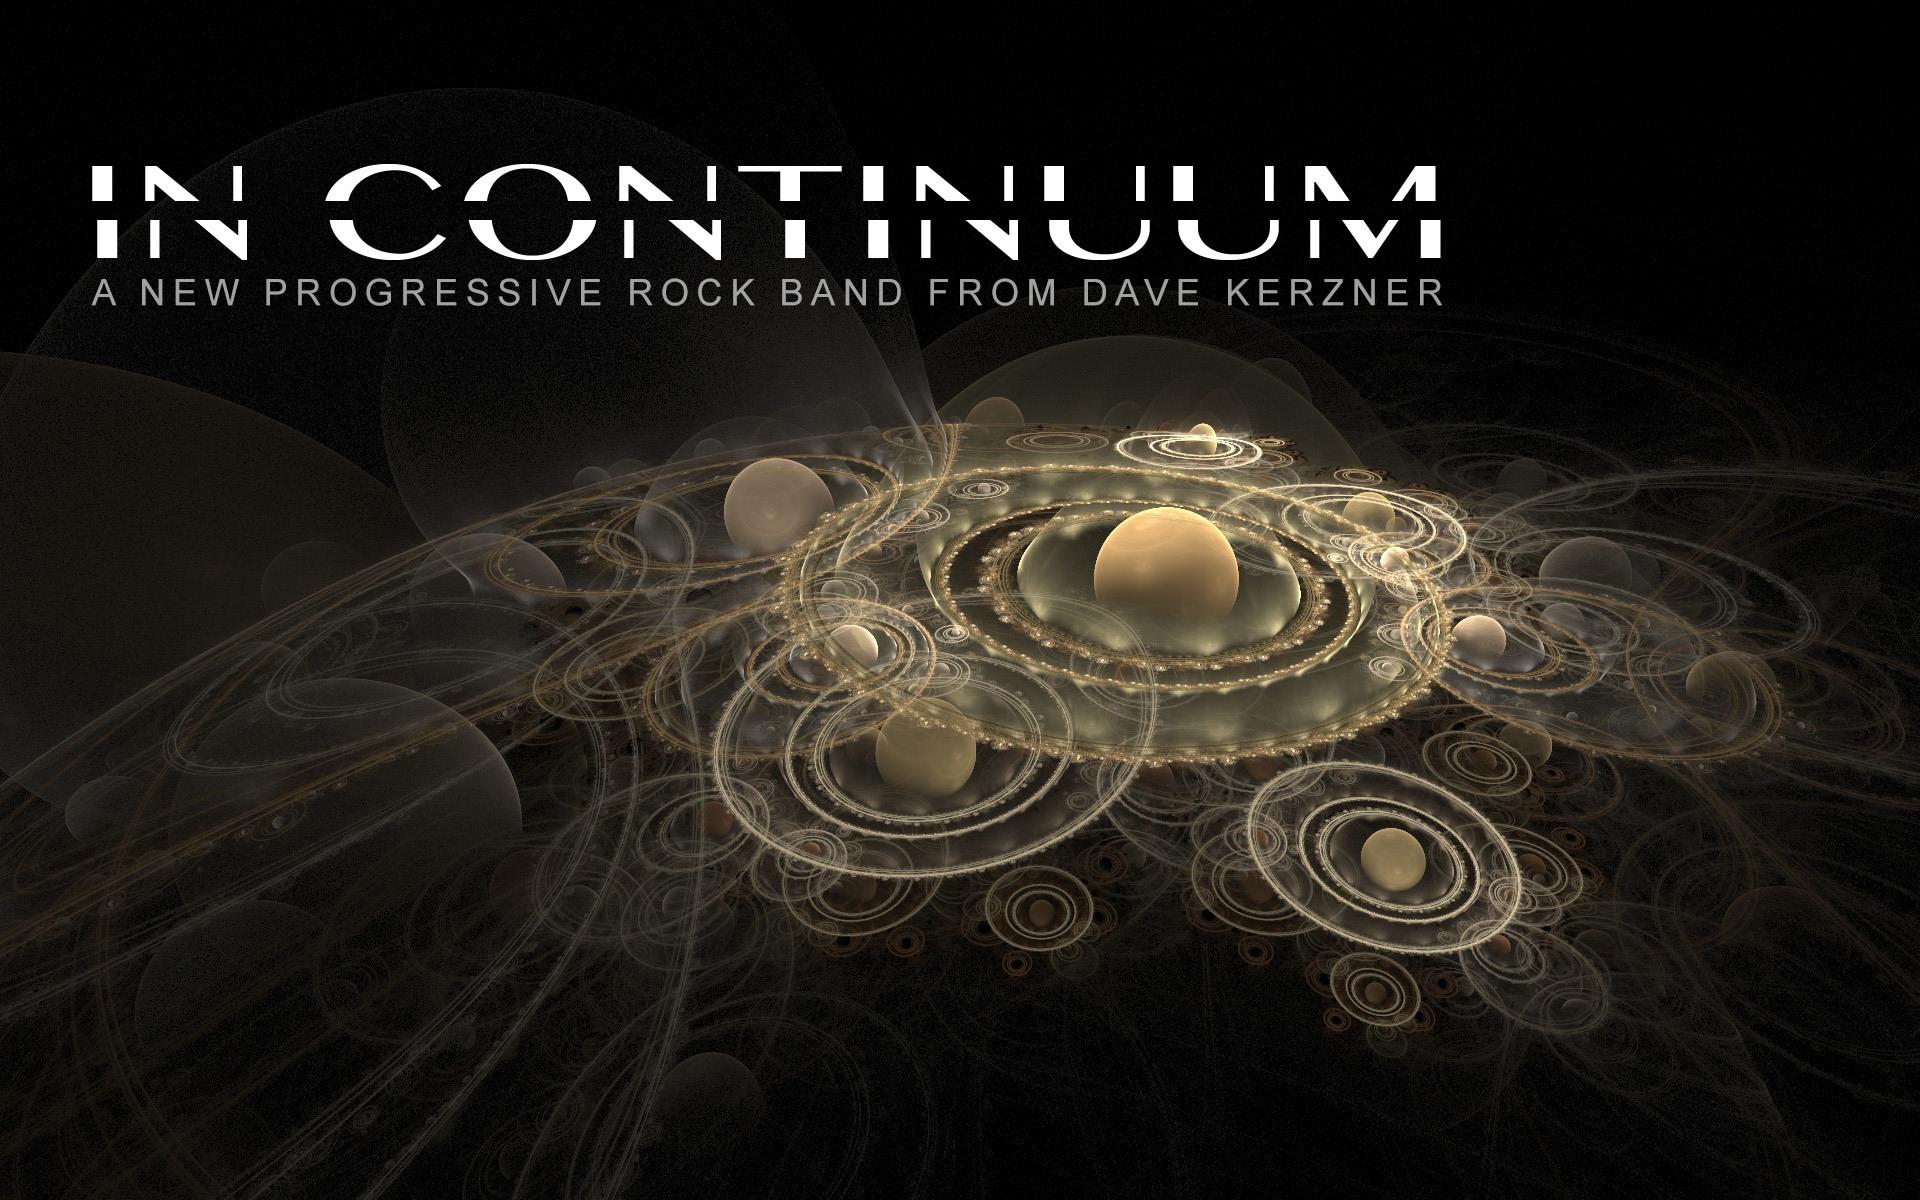 In Continuum